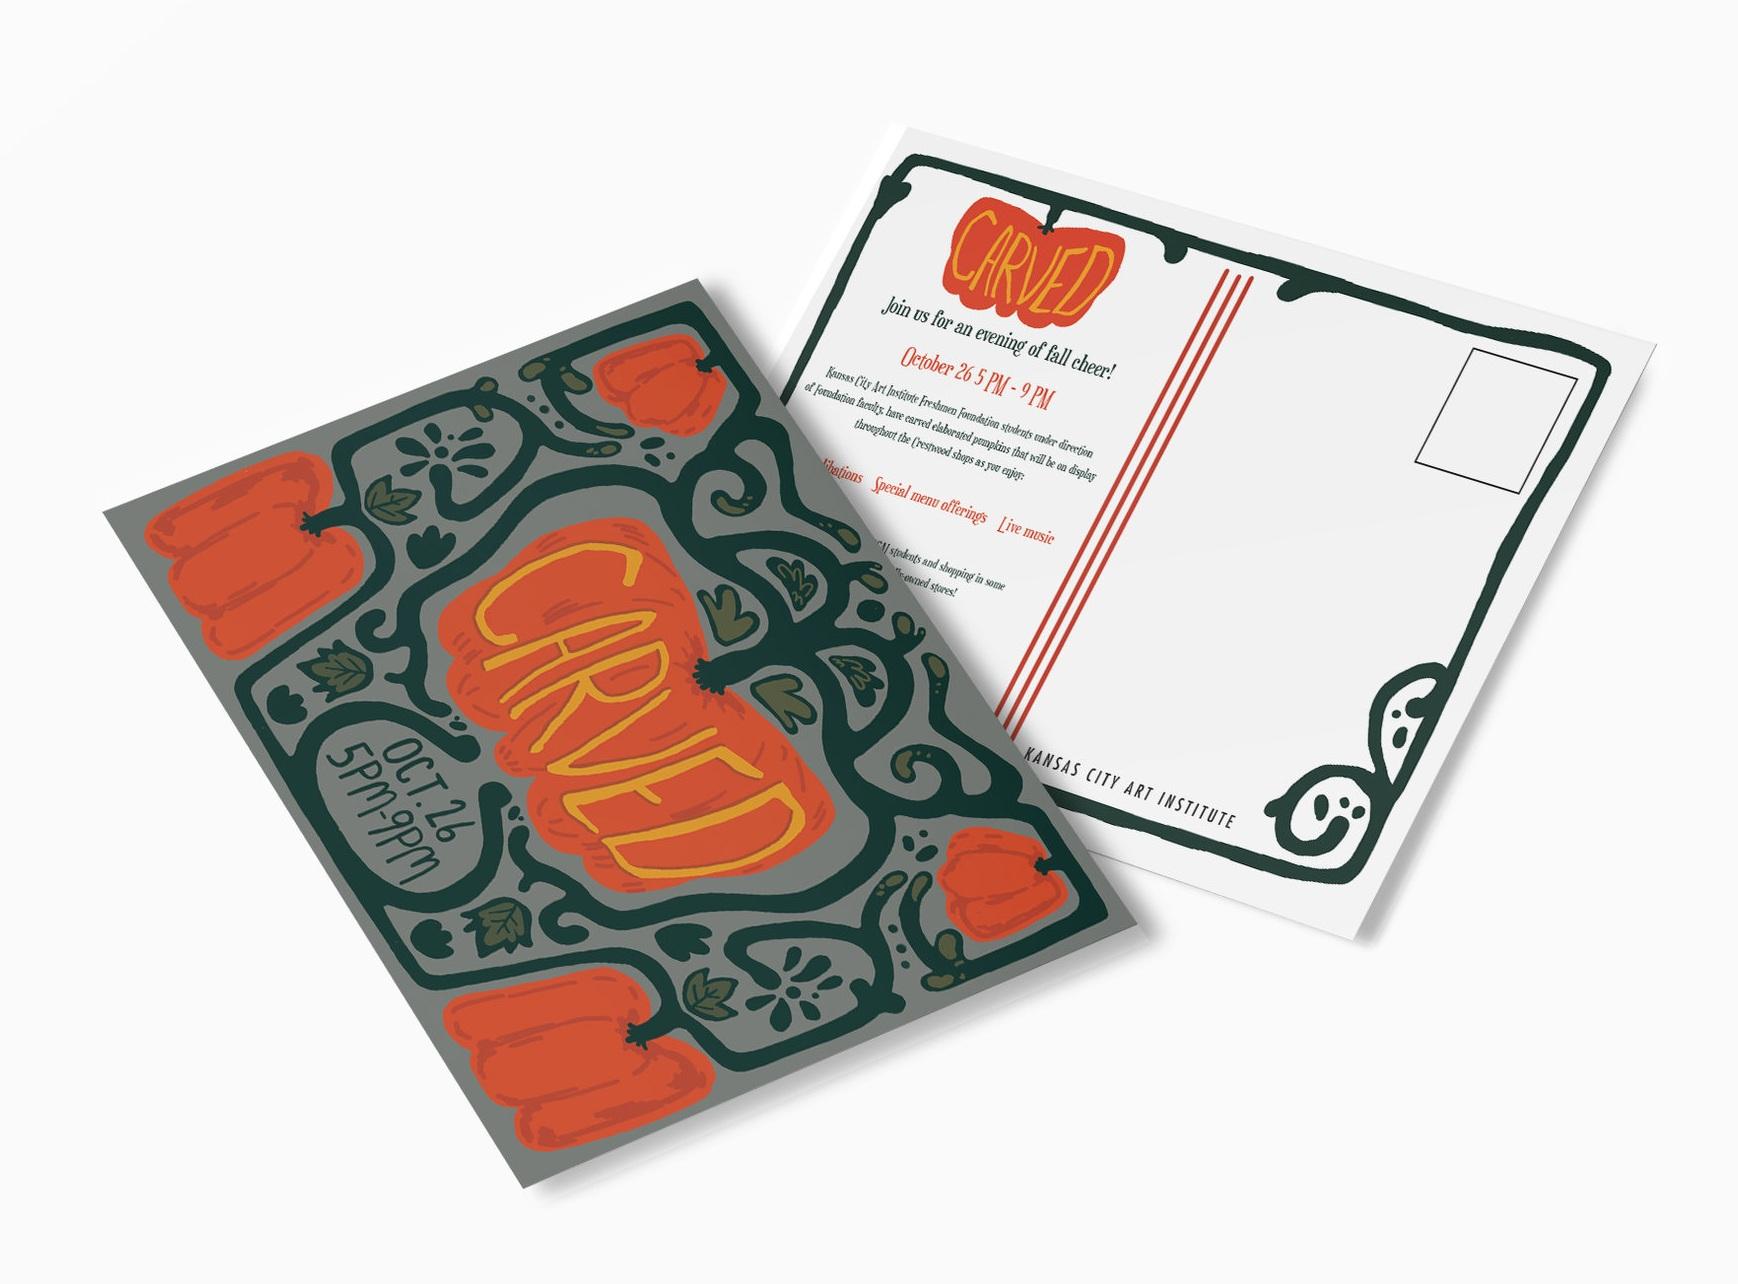 Postcard design by August DeMarea